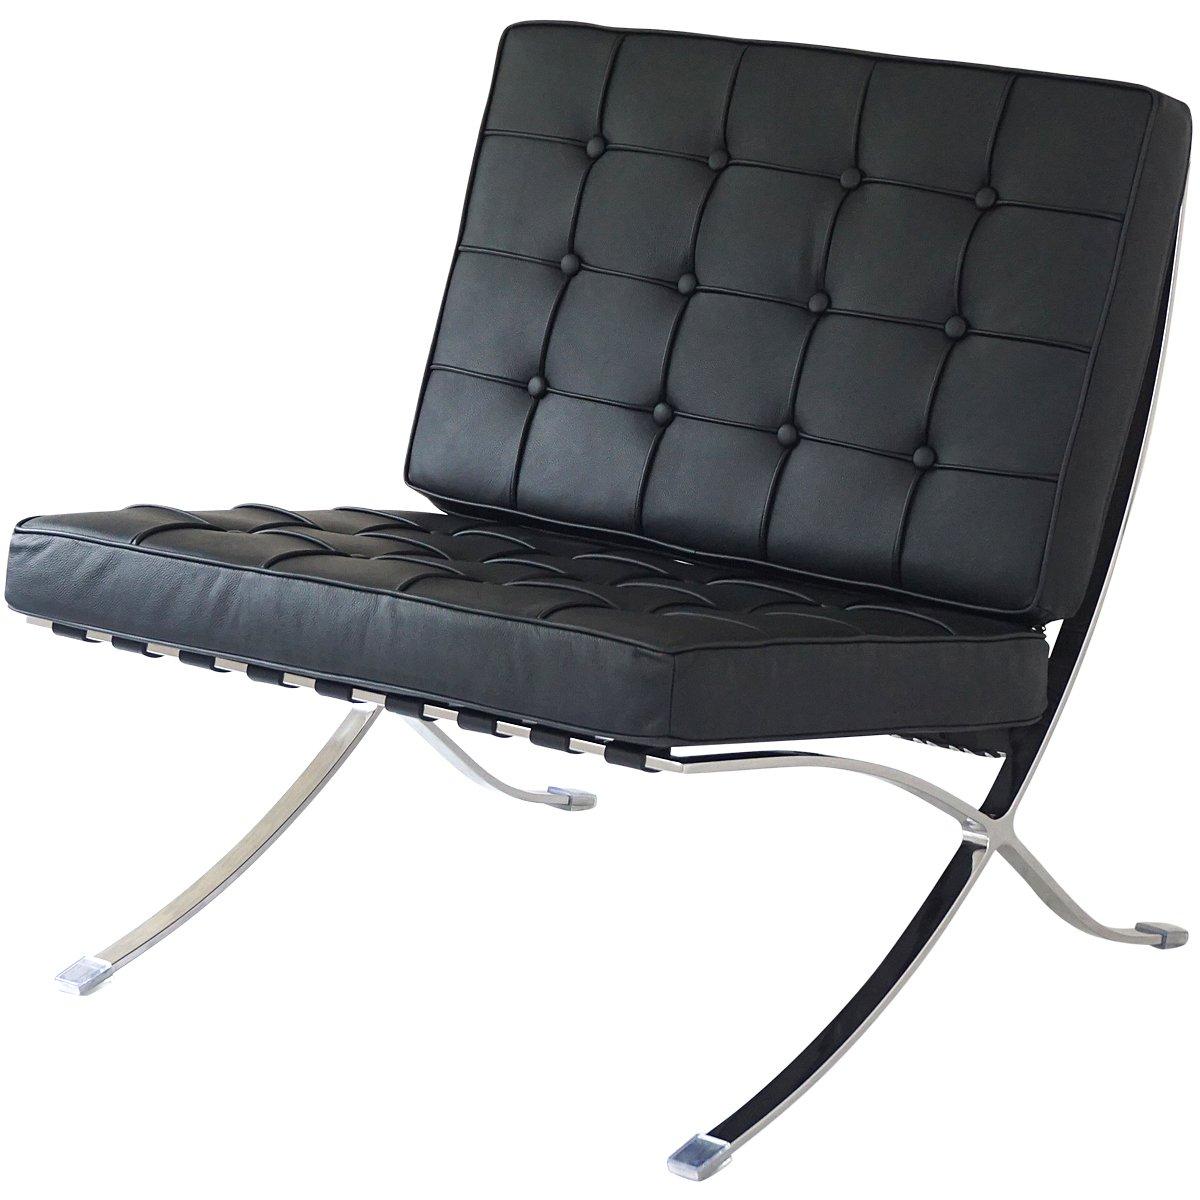 バルセロナチェア ミースファンデルローエ 総本革イタリアンレザー仕様 ブラック 黒 BARCELONA Chair 北欧家具 デザイナーズ リプロダクト B01MUCQS0I